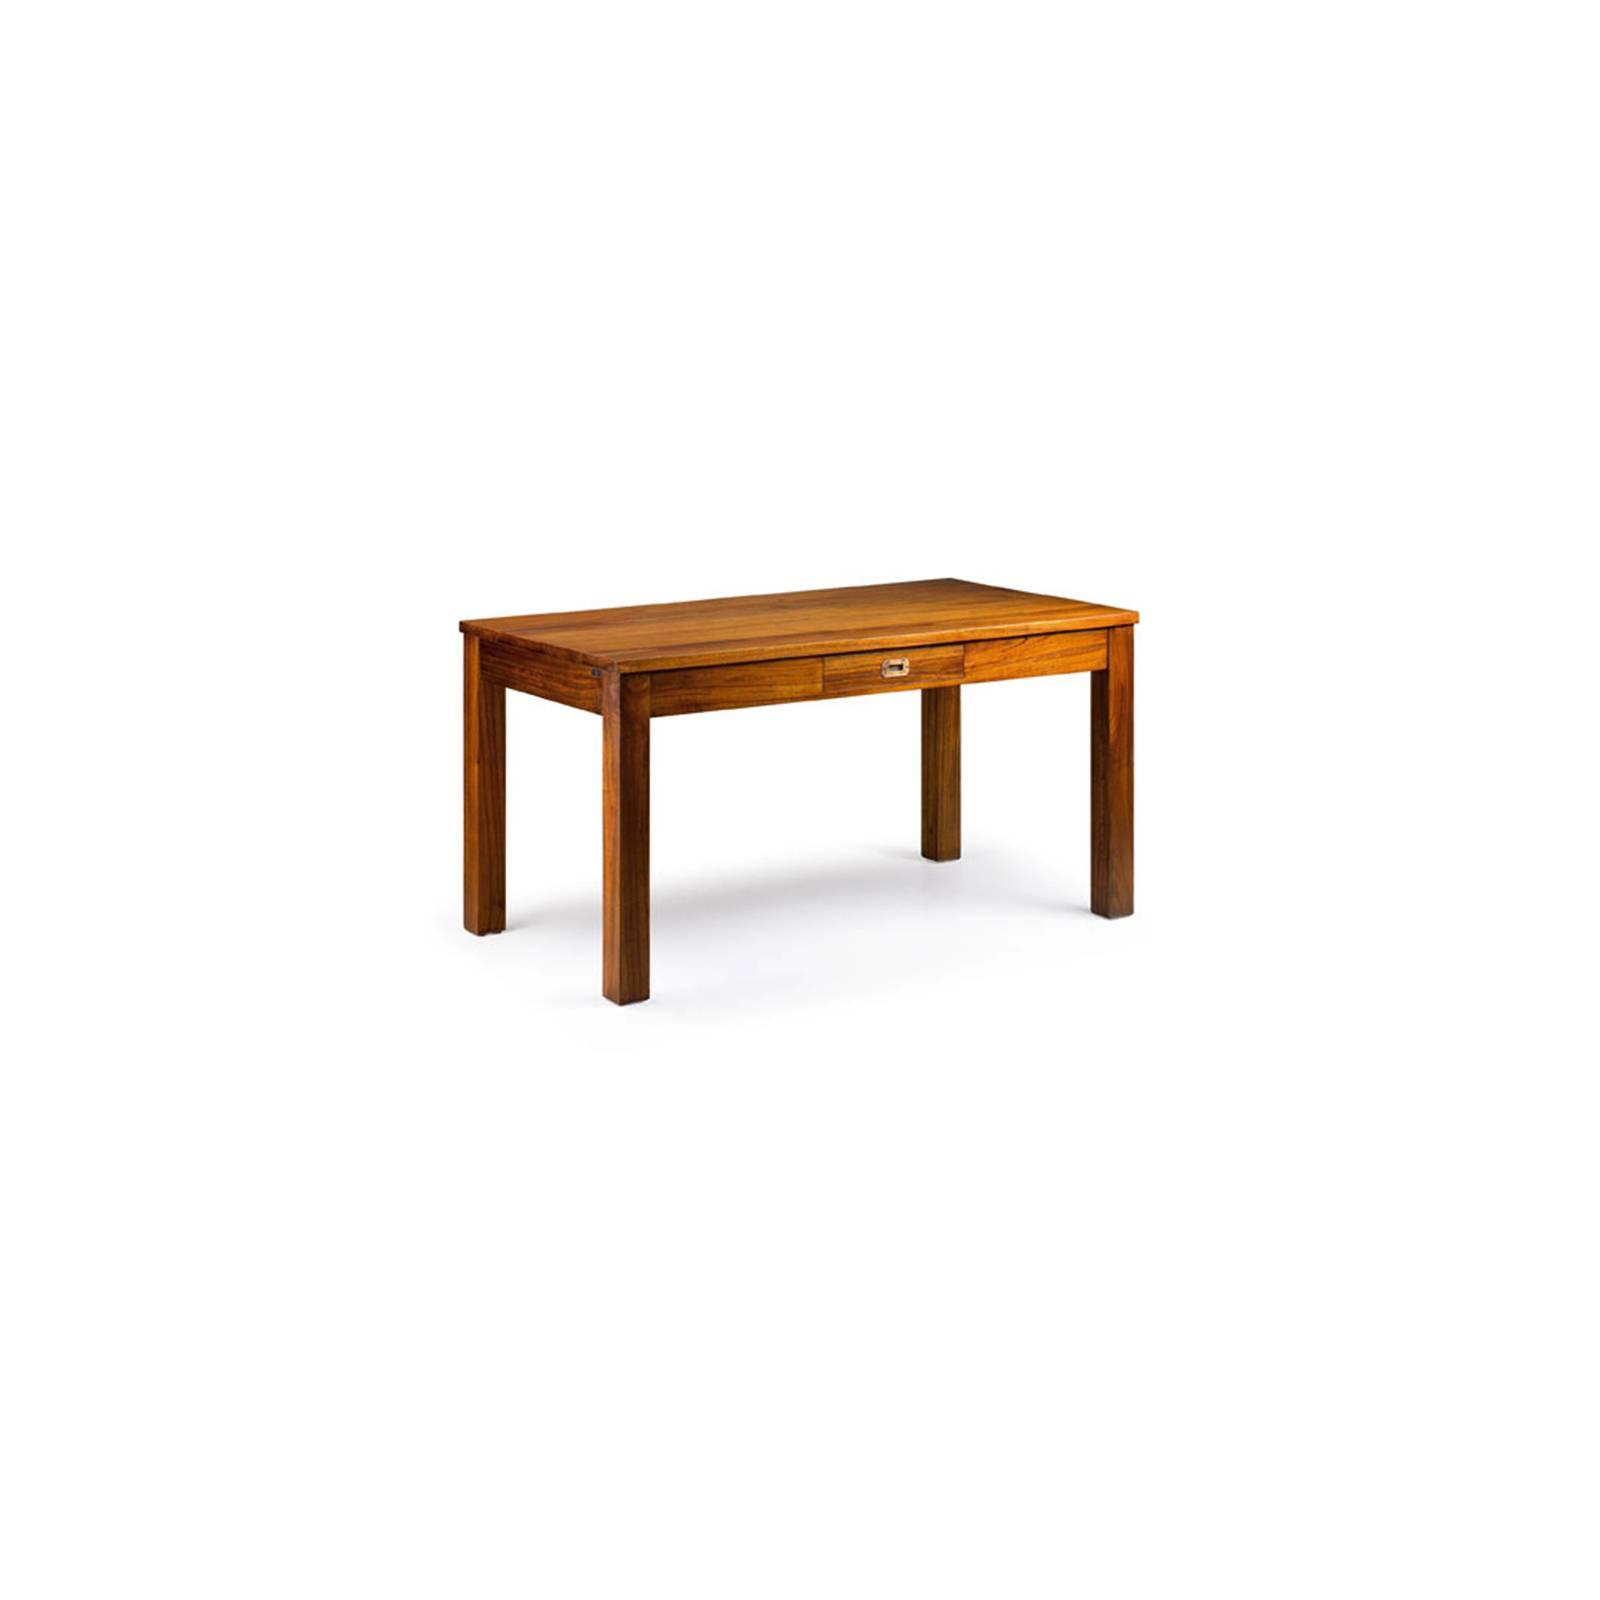 Table De Repas Rectangulaire PM Tali Mindy - meuble bois exotique